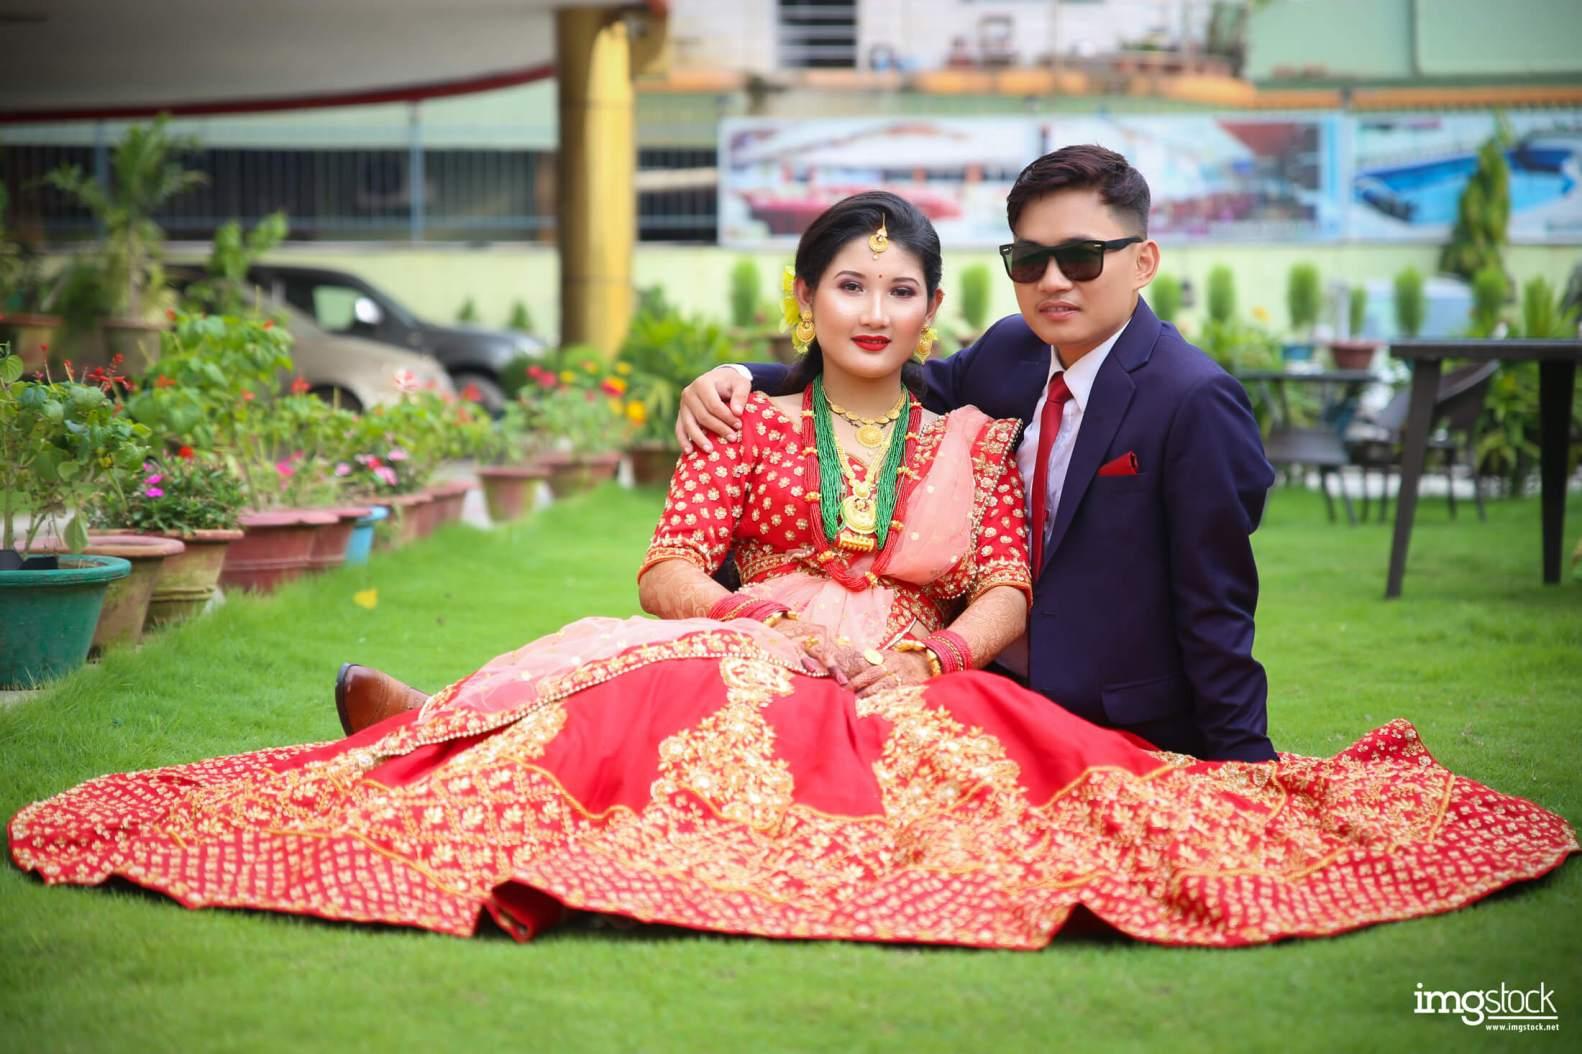 Mallika Photoshoot - Wedding Photography, ImgStock